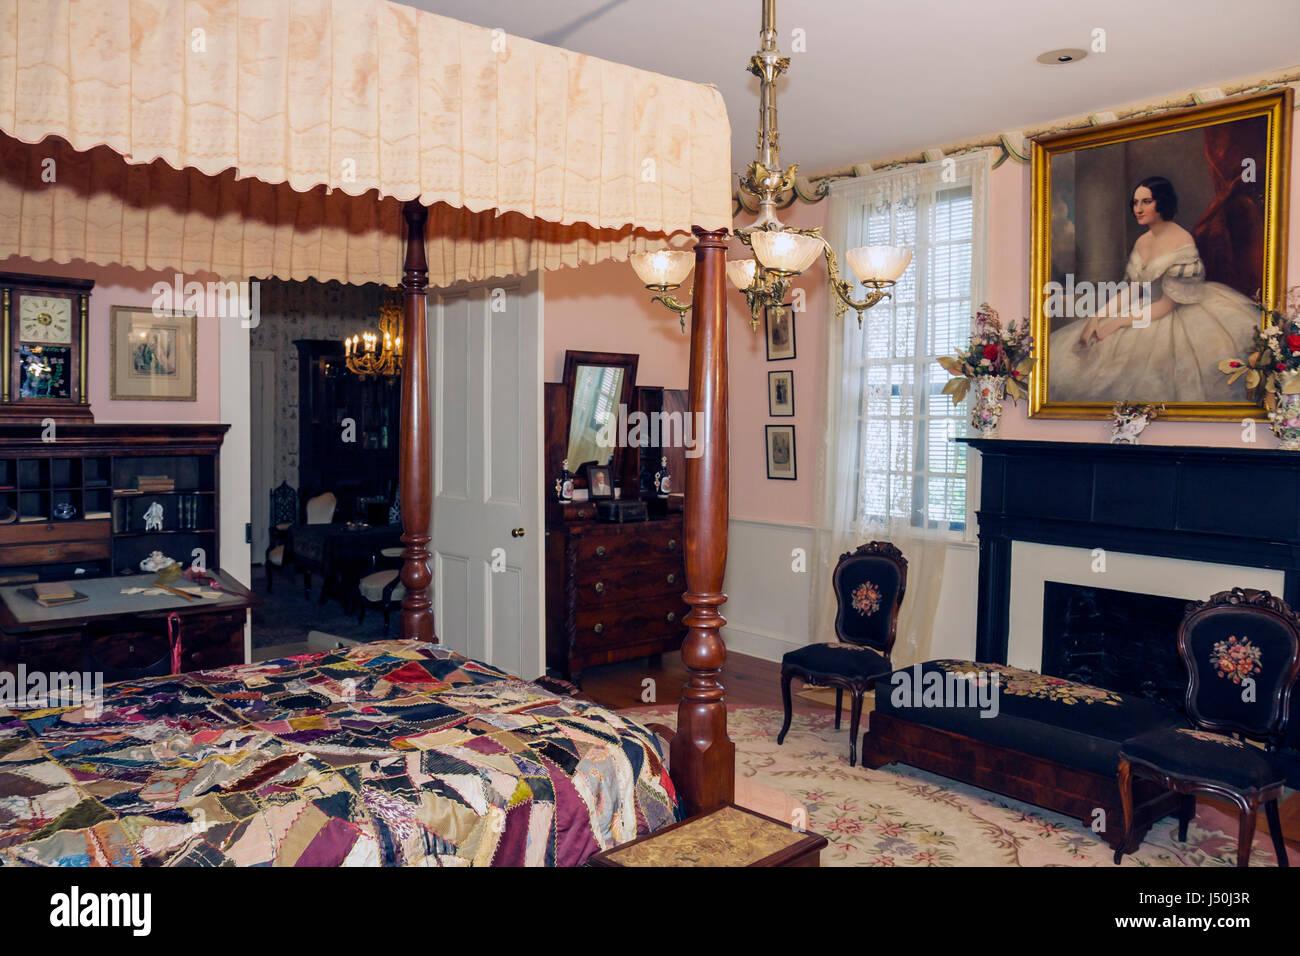 Alabama, AL, Sur, Condado de Montgomery, Montgomery, primera Casa Blanca de la Confederación, Jefferson Davis, Guerra Civil, dormitorio, dosel, pintura, interi Foto de stock